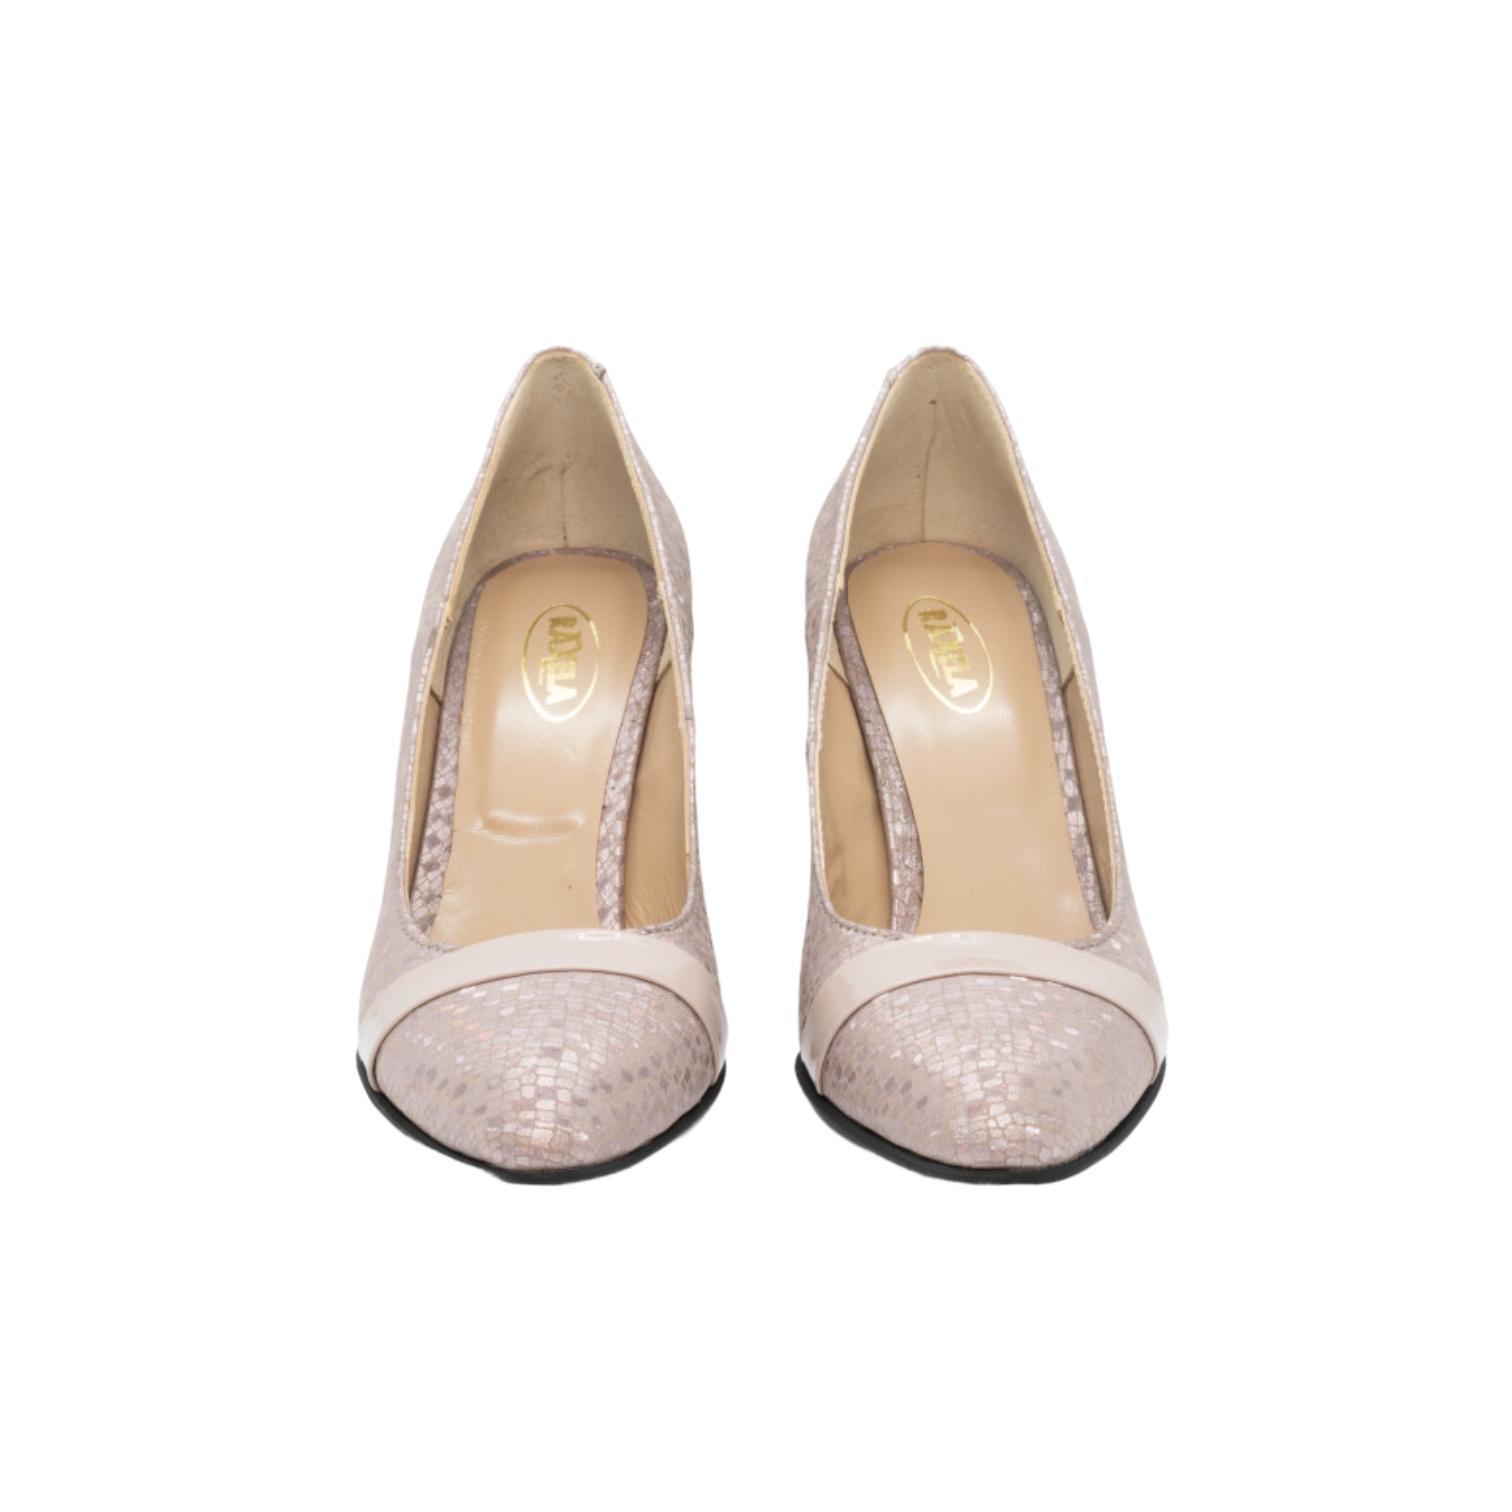 Pantofi cipria cu model abstract